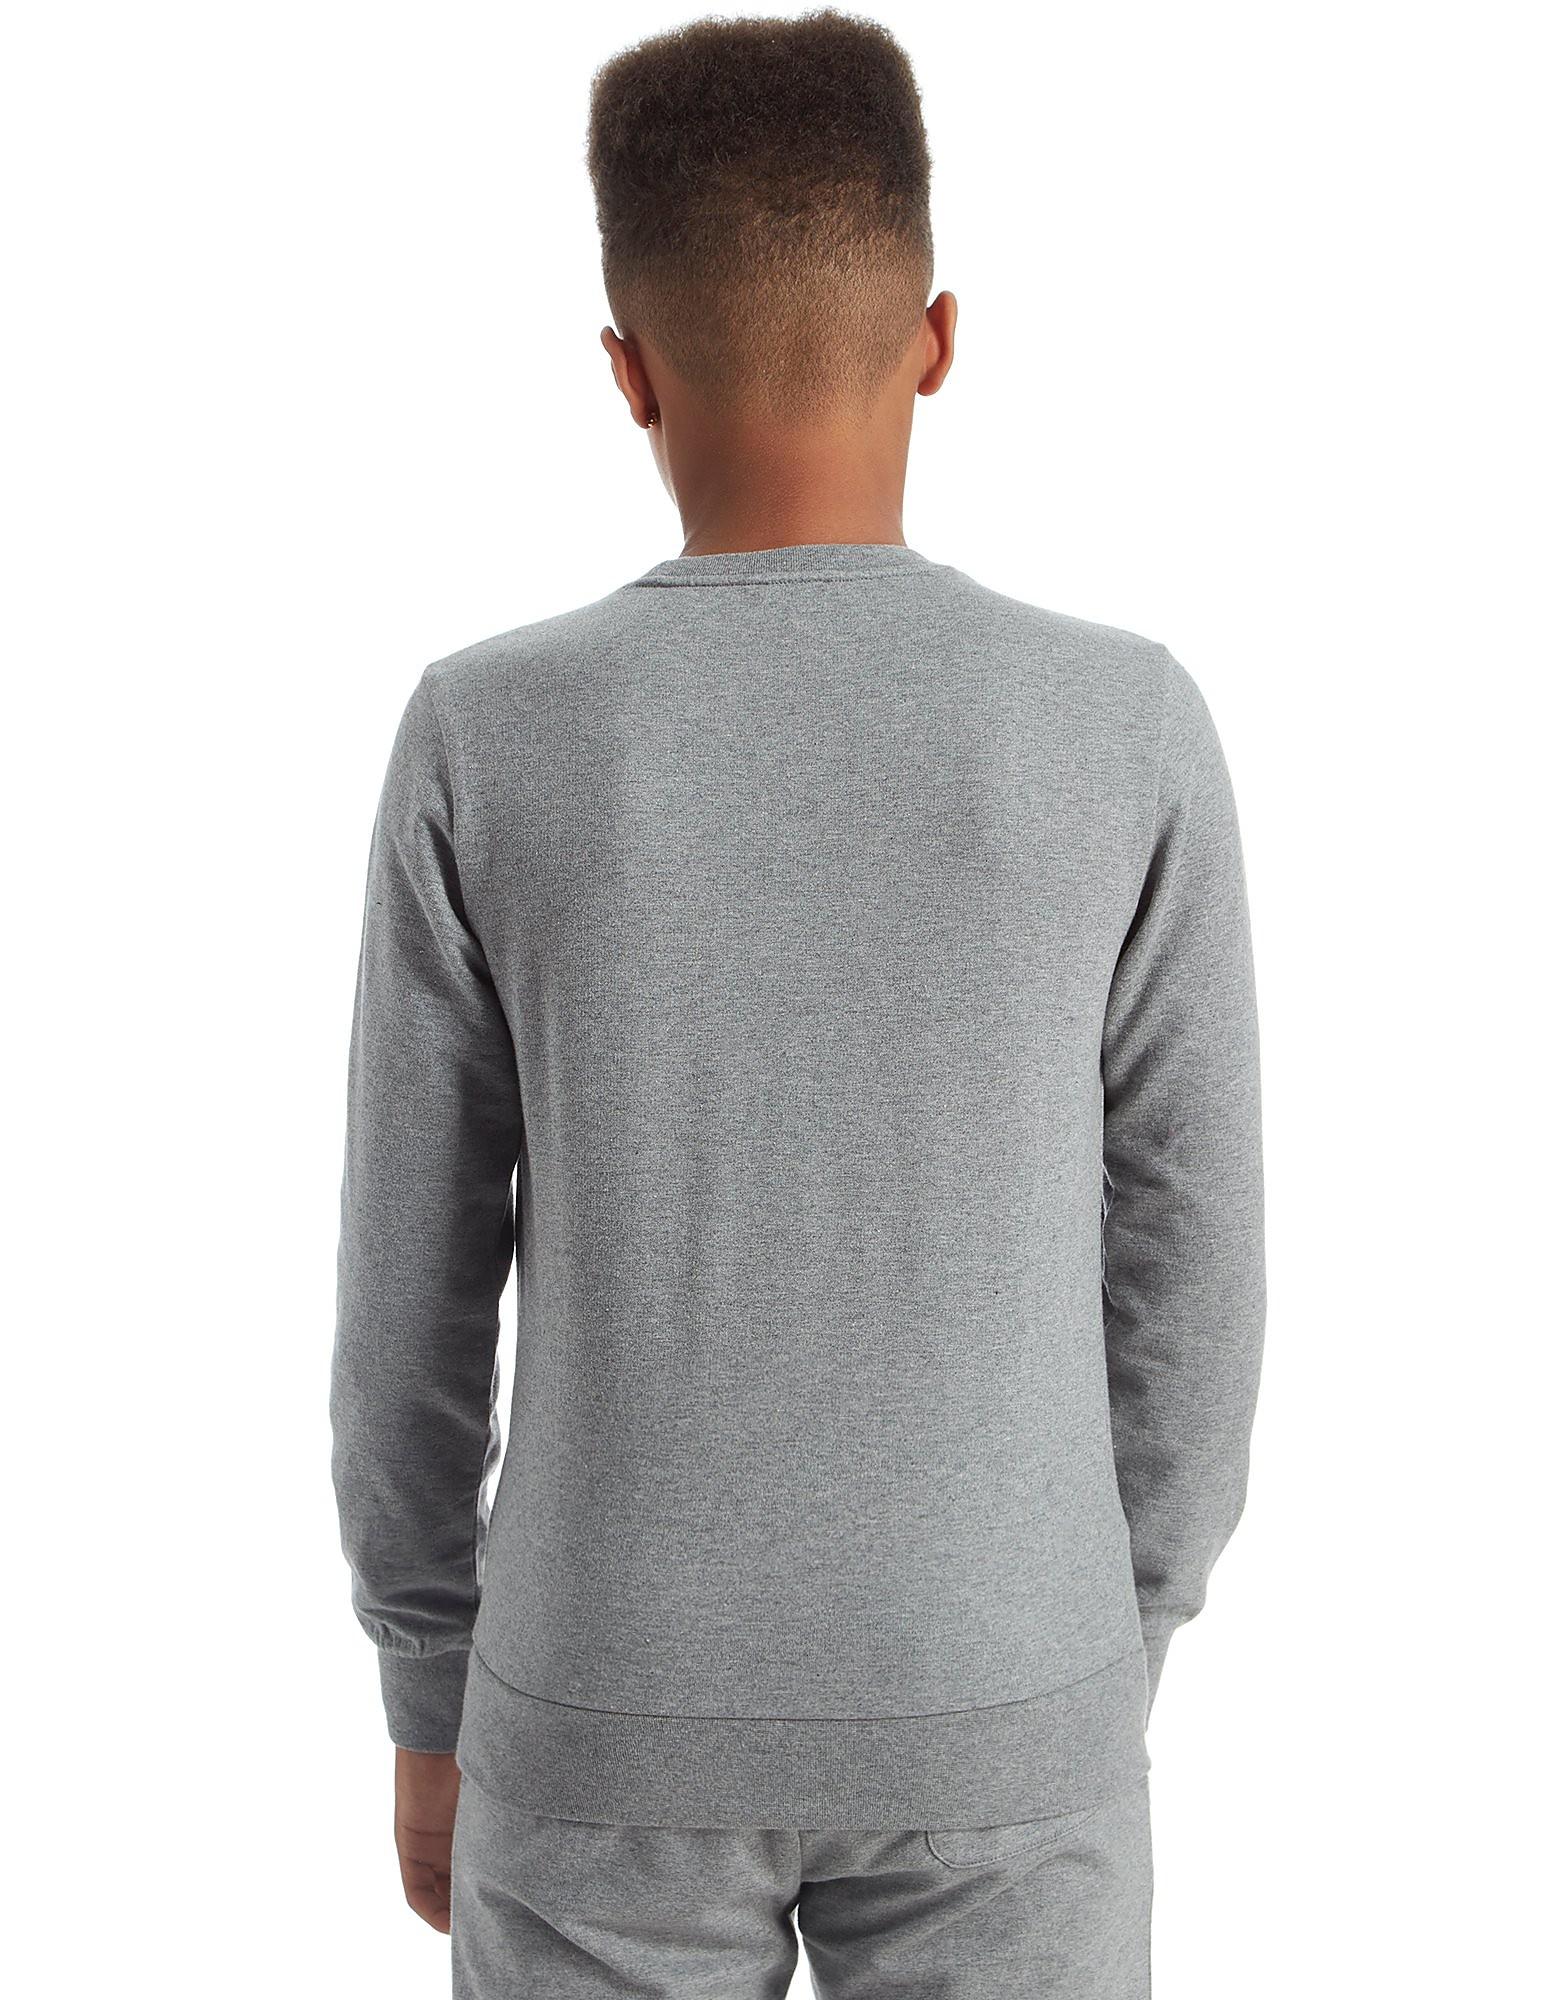 Emporio Armani EA7 Core Crew Sweatshirt Junior